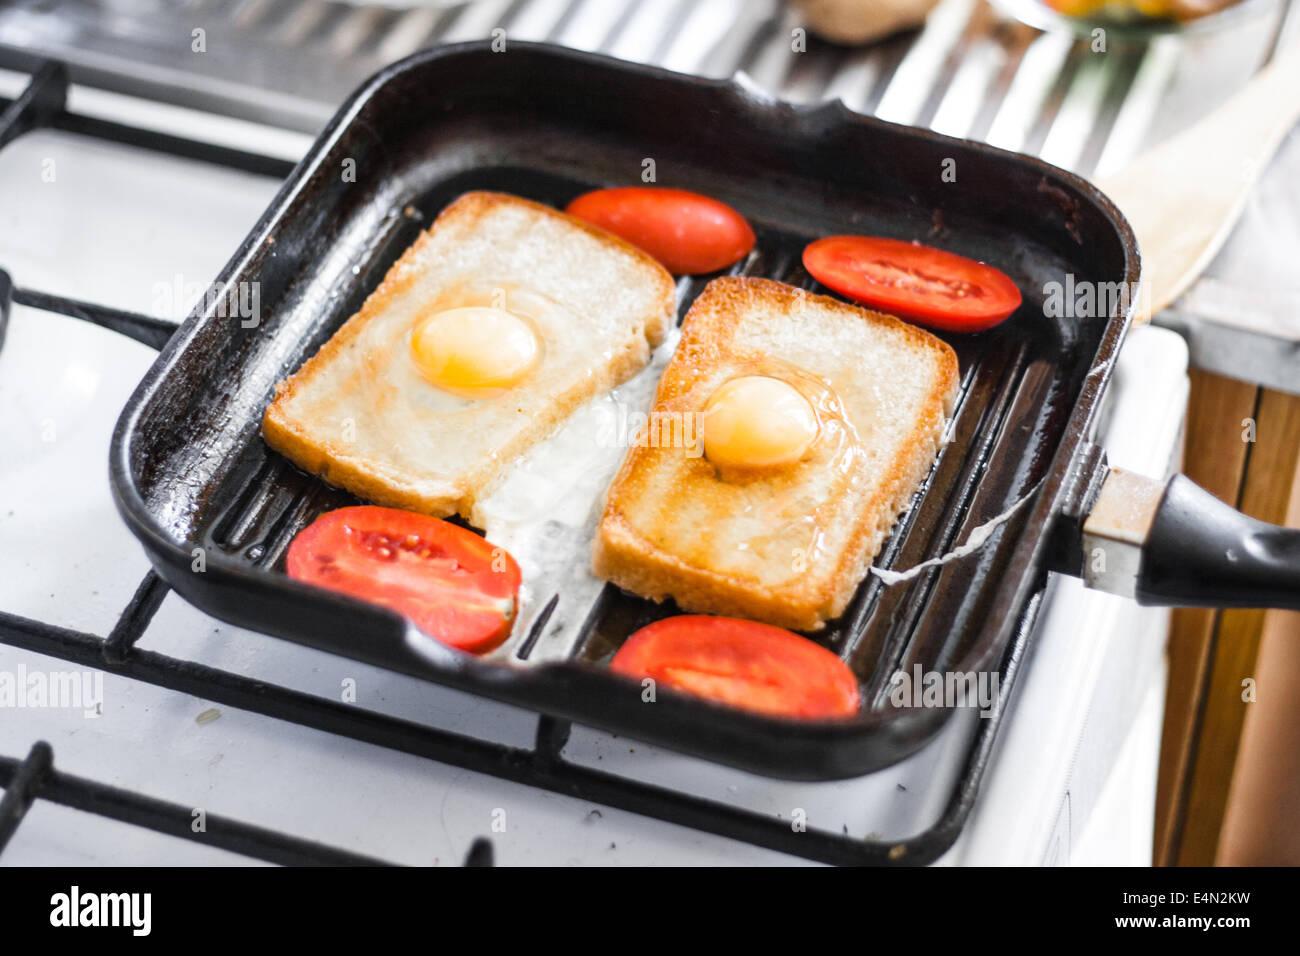 Œuf frit dans une poêle Photo Stock